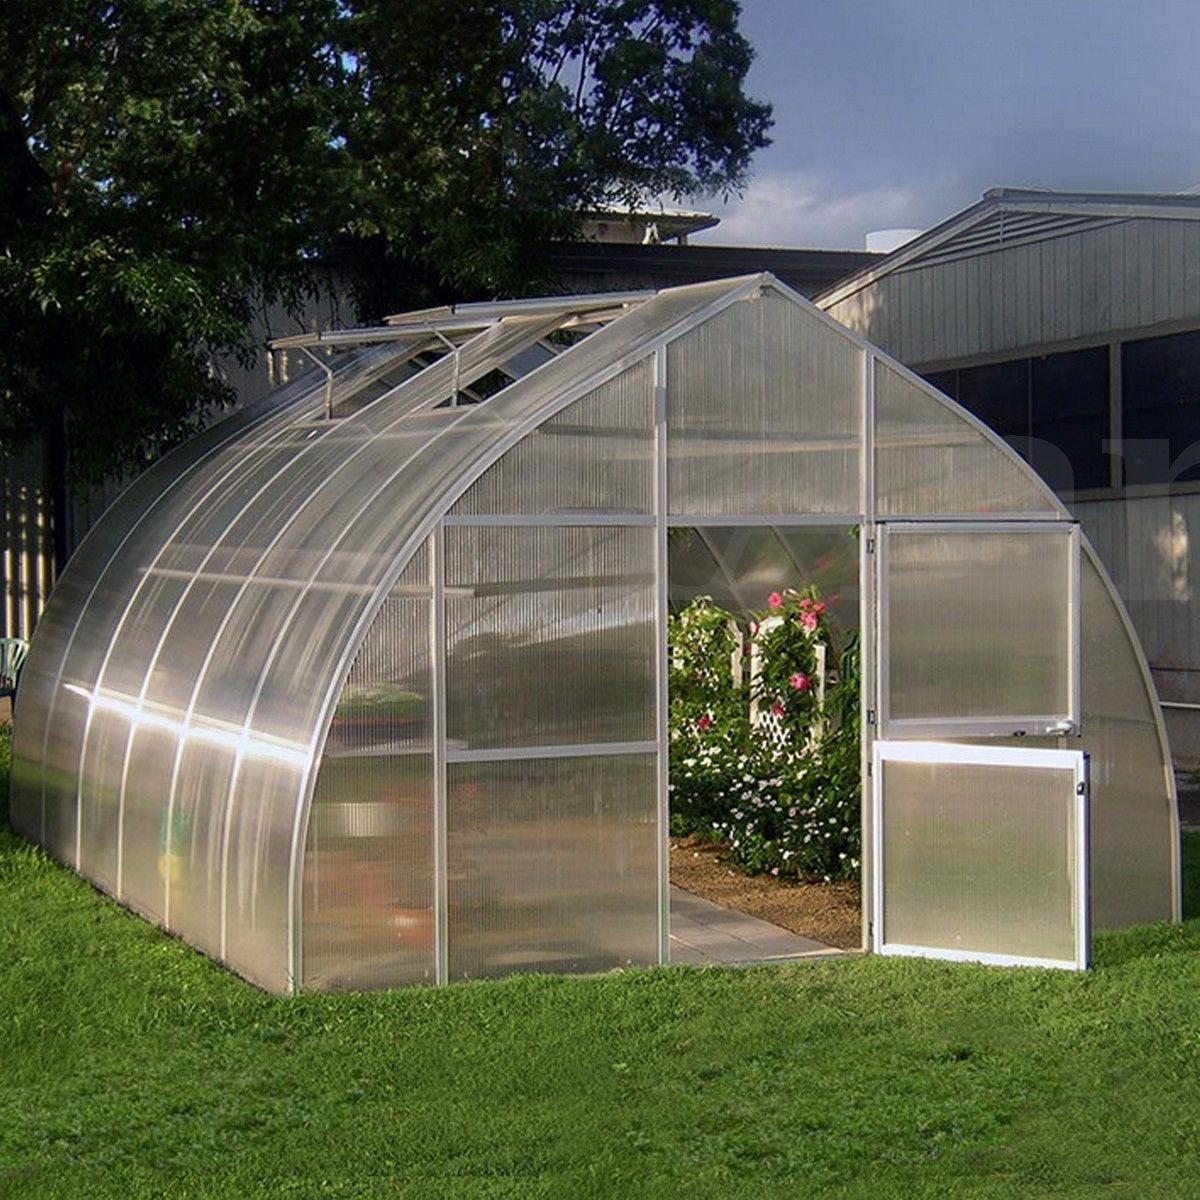 Automatic Agricultural Greenhouse Window Opener Solar Heat Sensitive Window Opener Invernadero Automatischer Fensteroffner#T